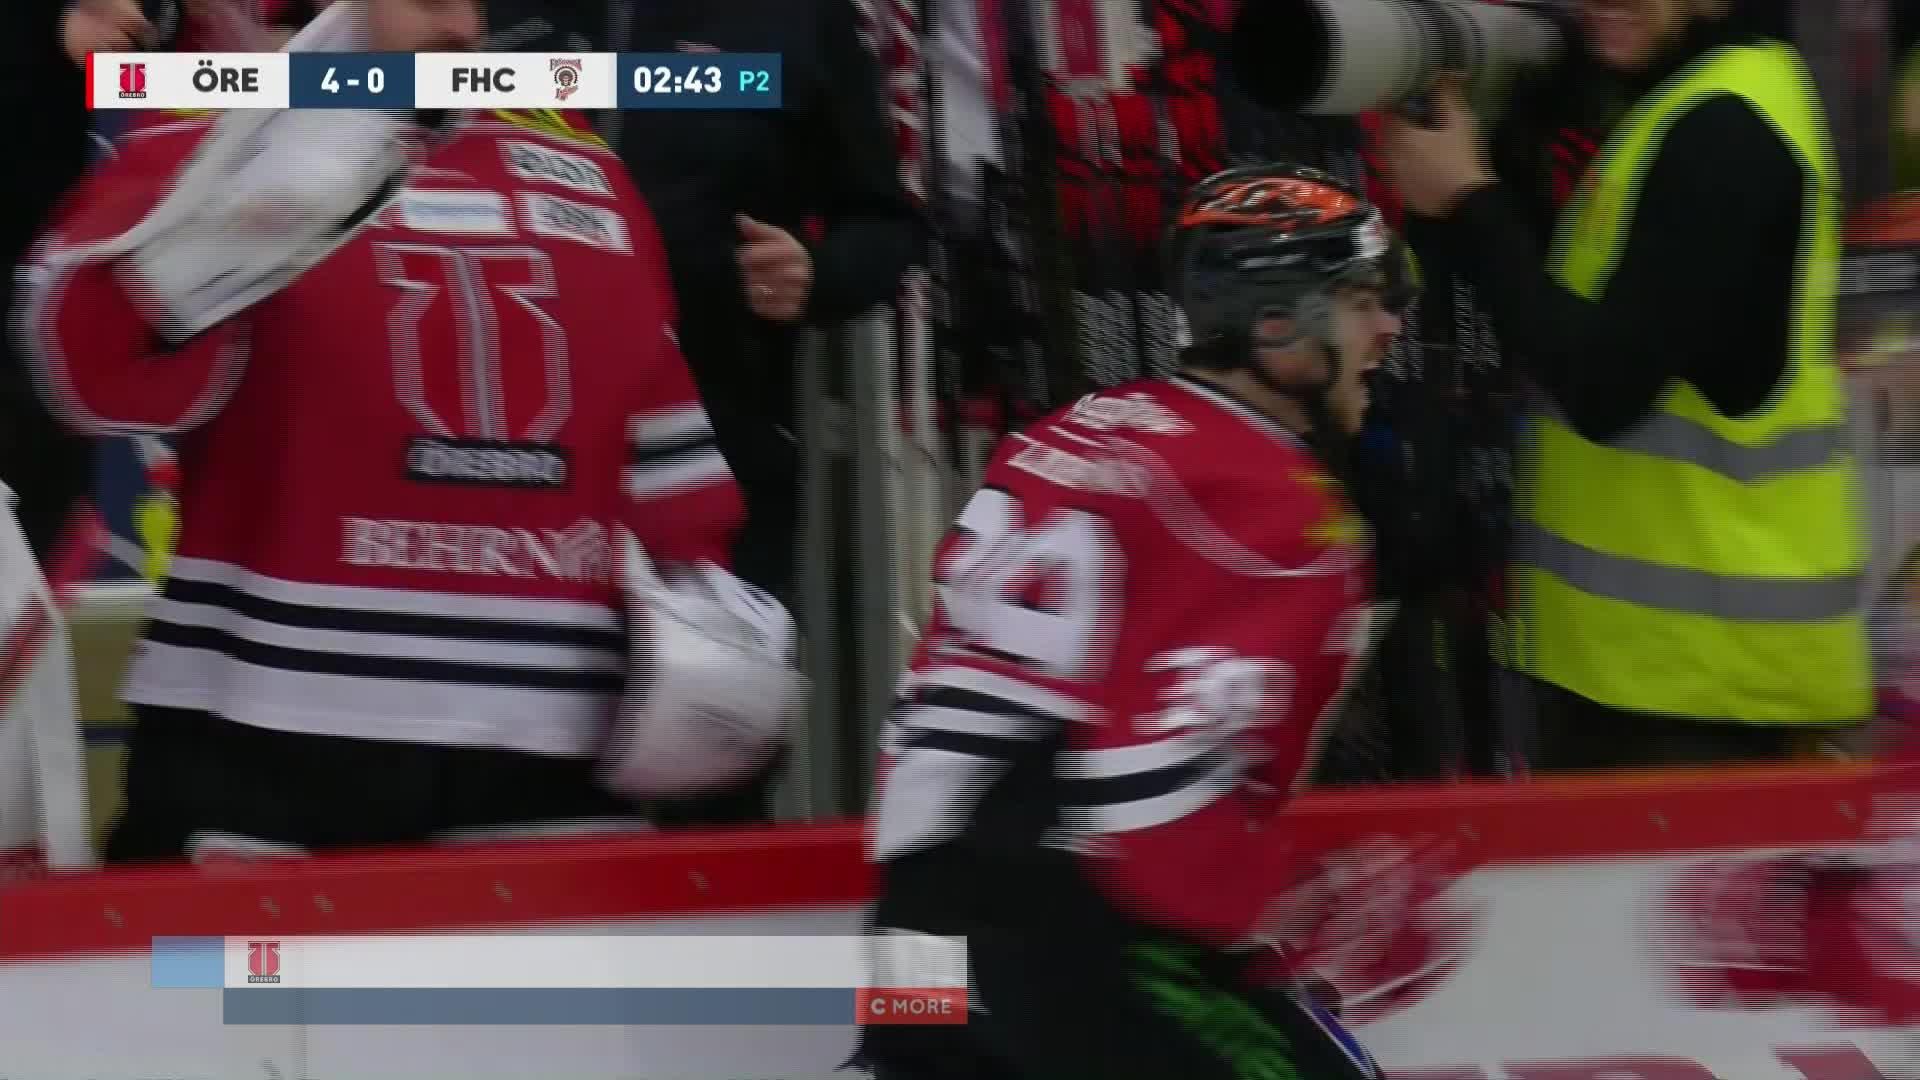 Örebro Hockey - Frölunda HC 4-0